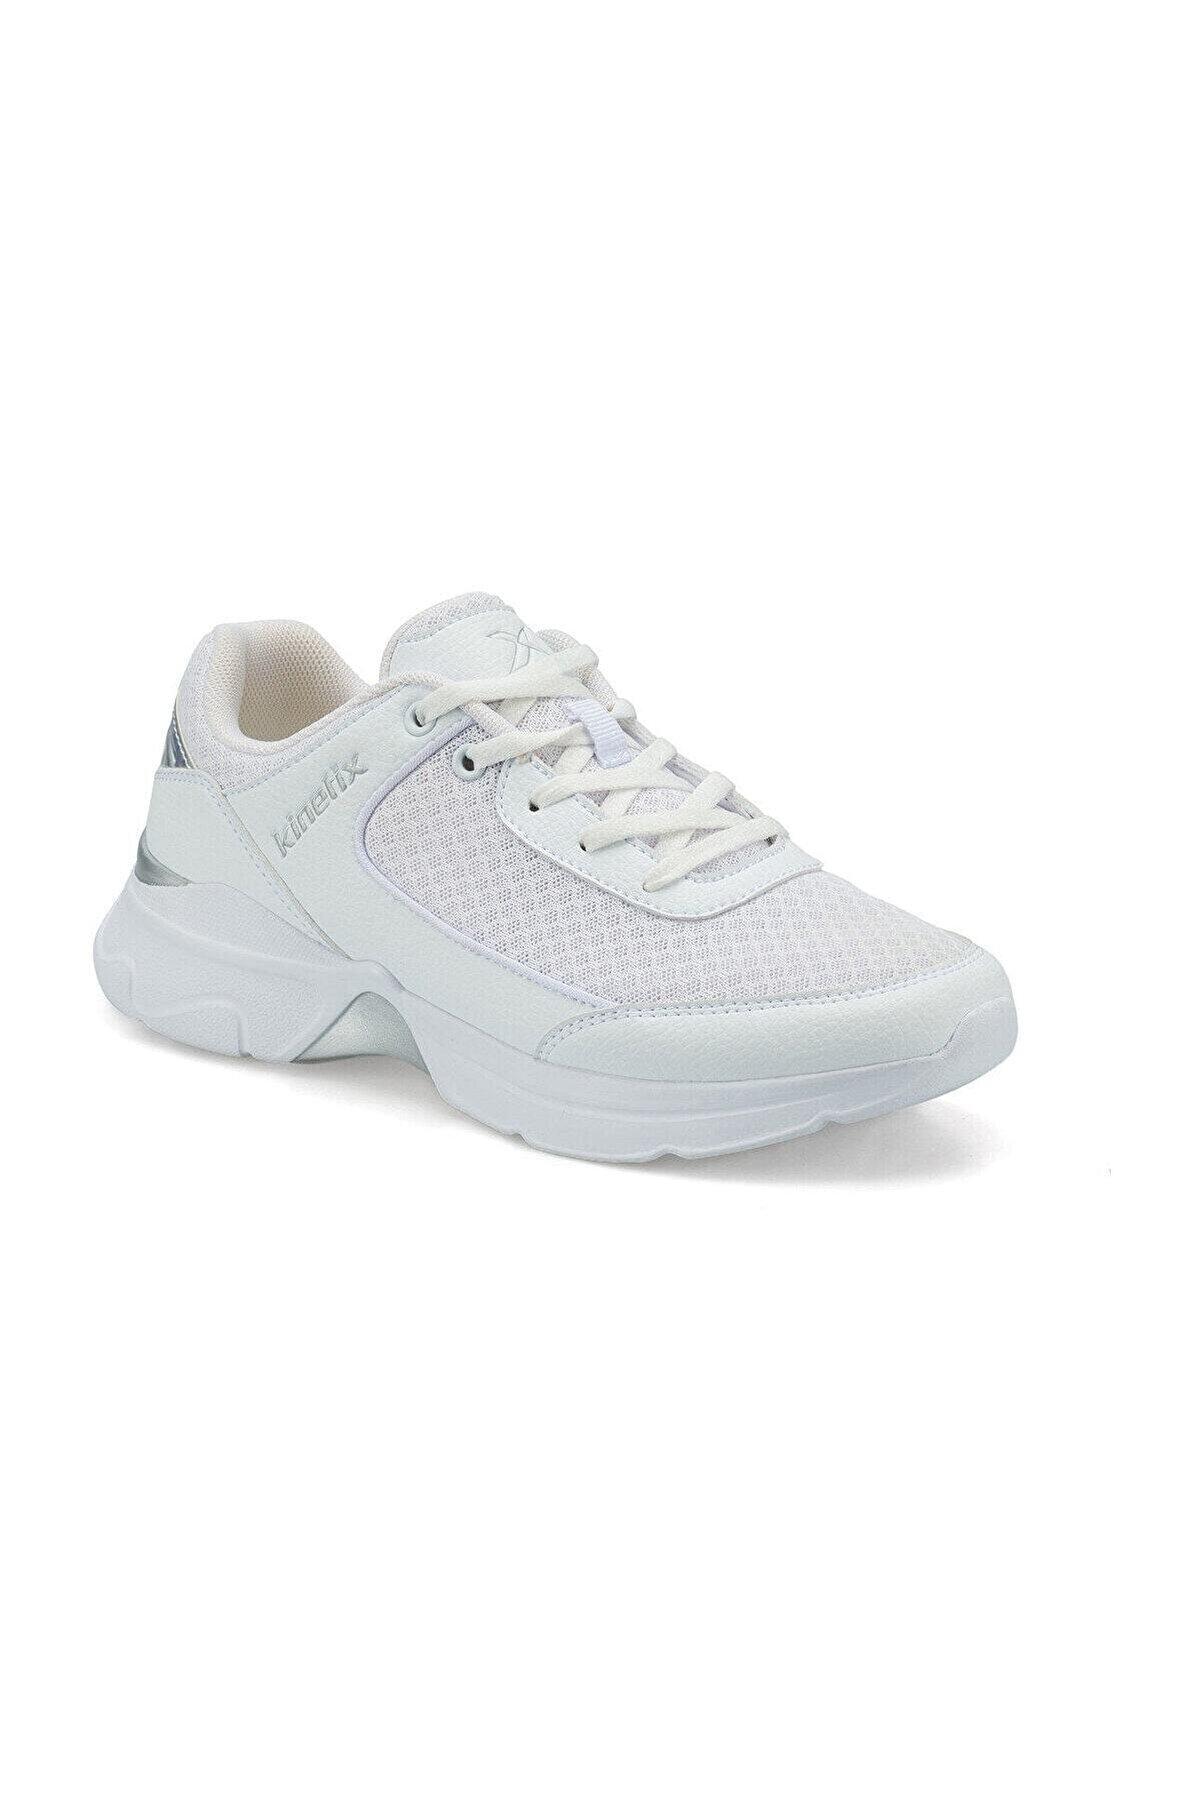 Kinetix PULL MESH W Beyaz Kadın Sneaker Ayakkabı 100484280